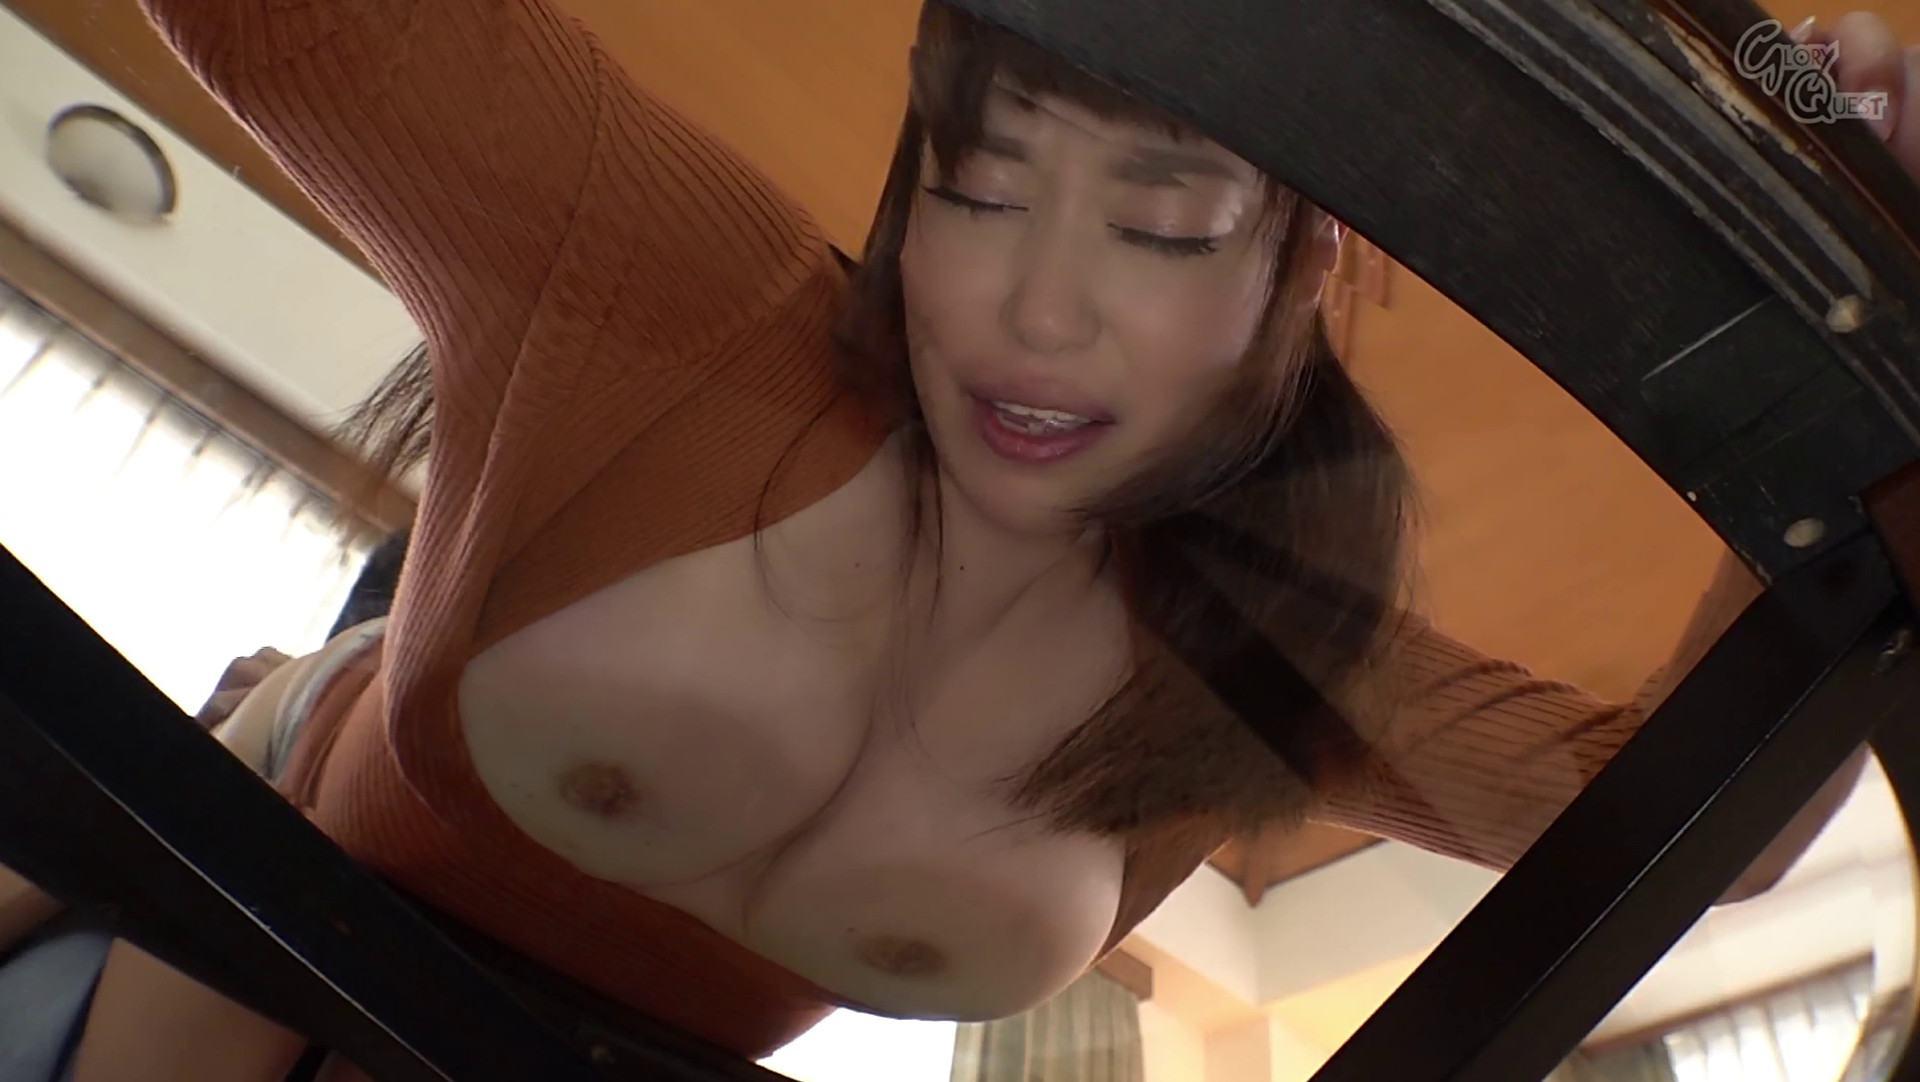 人気熟女AV女優の中西江梨子さんがガラステーブルに爆乳を押し付けながらバックで娘婿とSEXしている画像